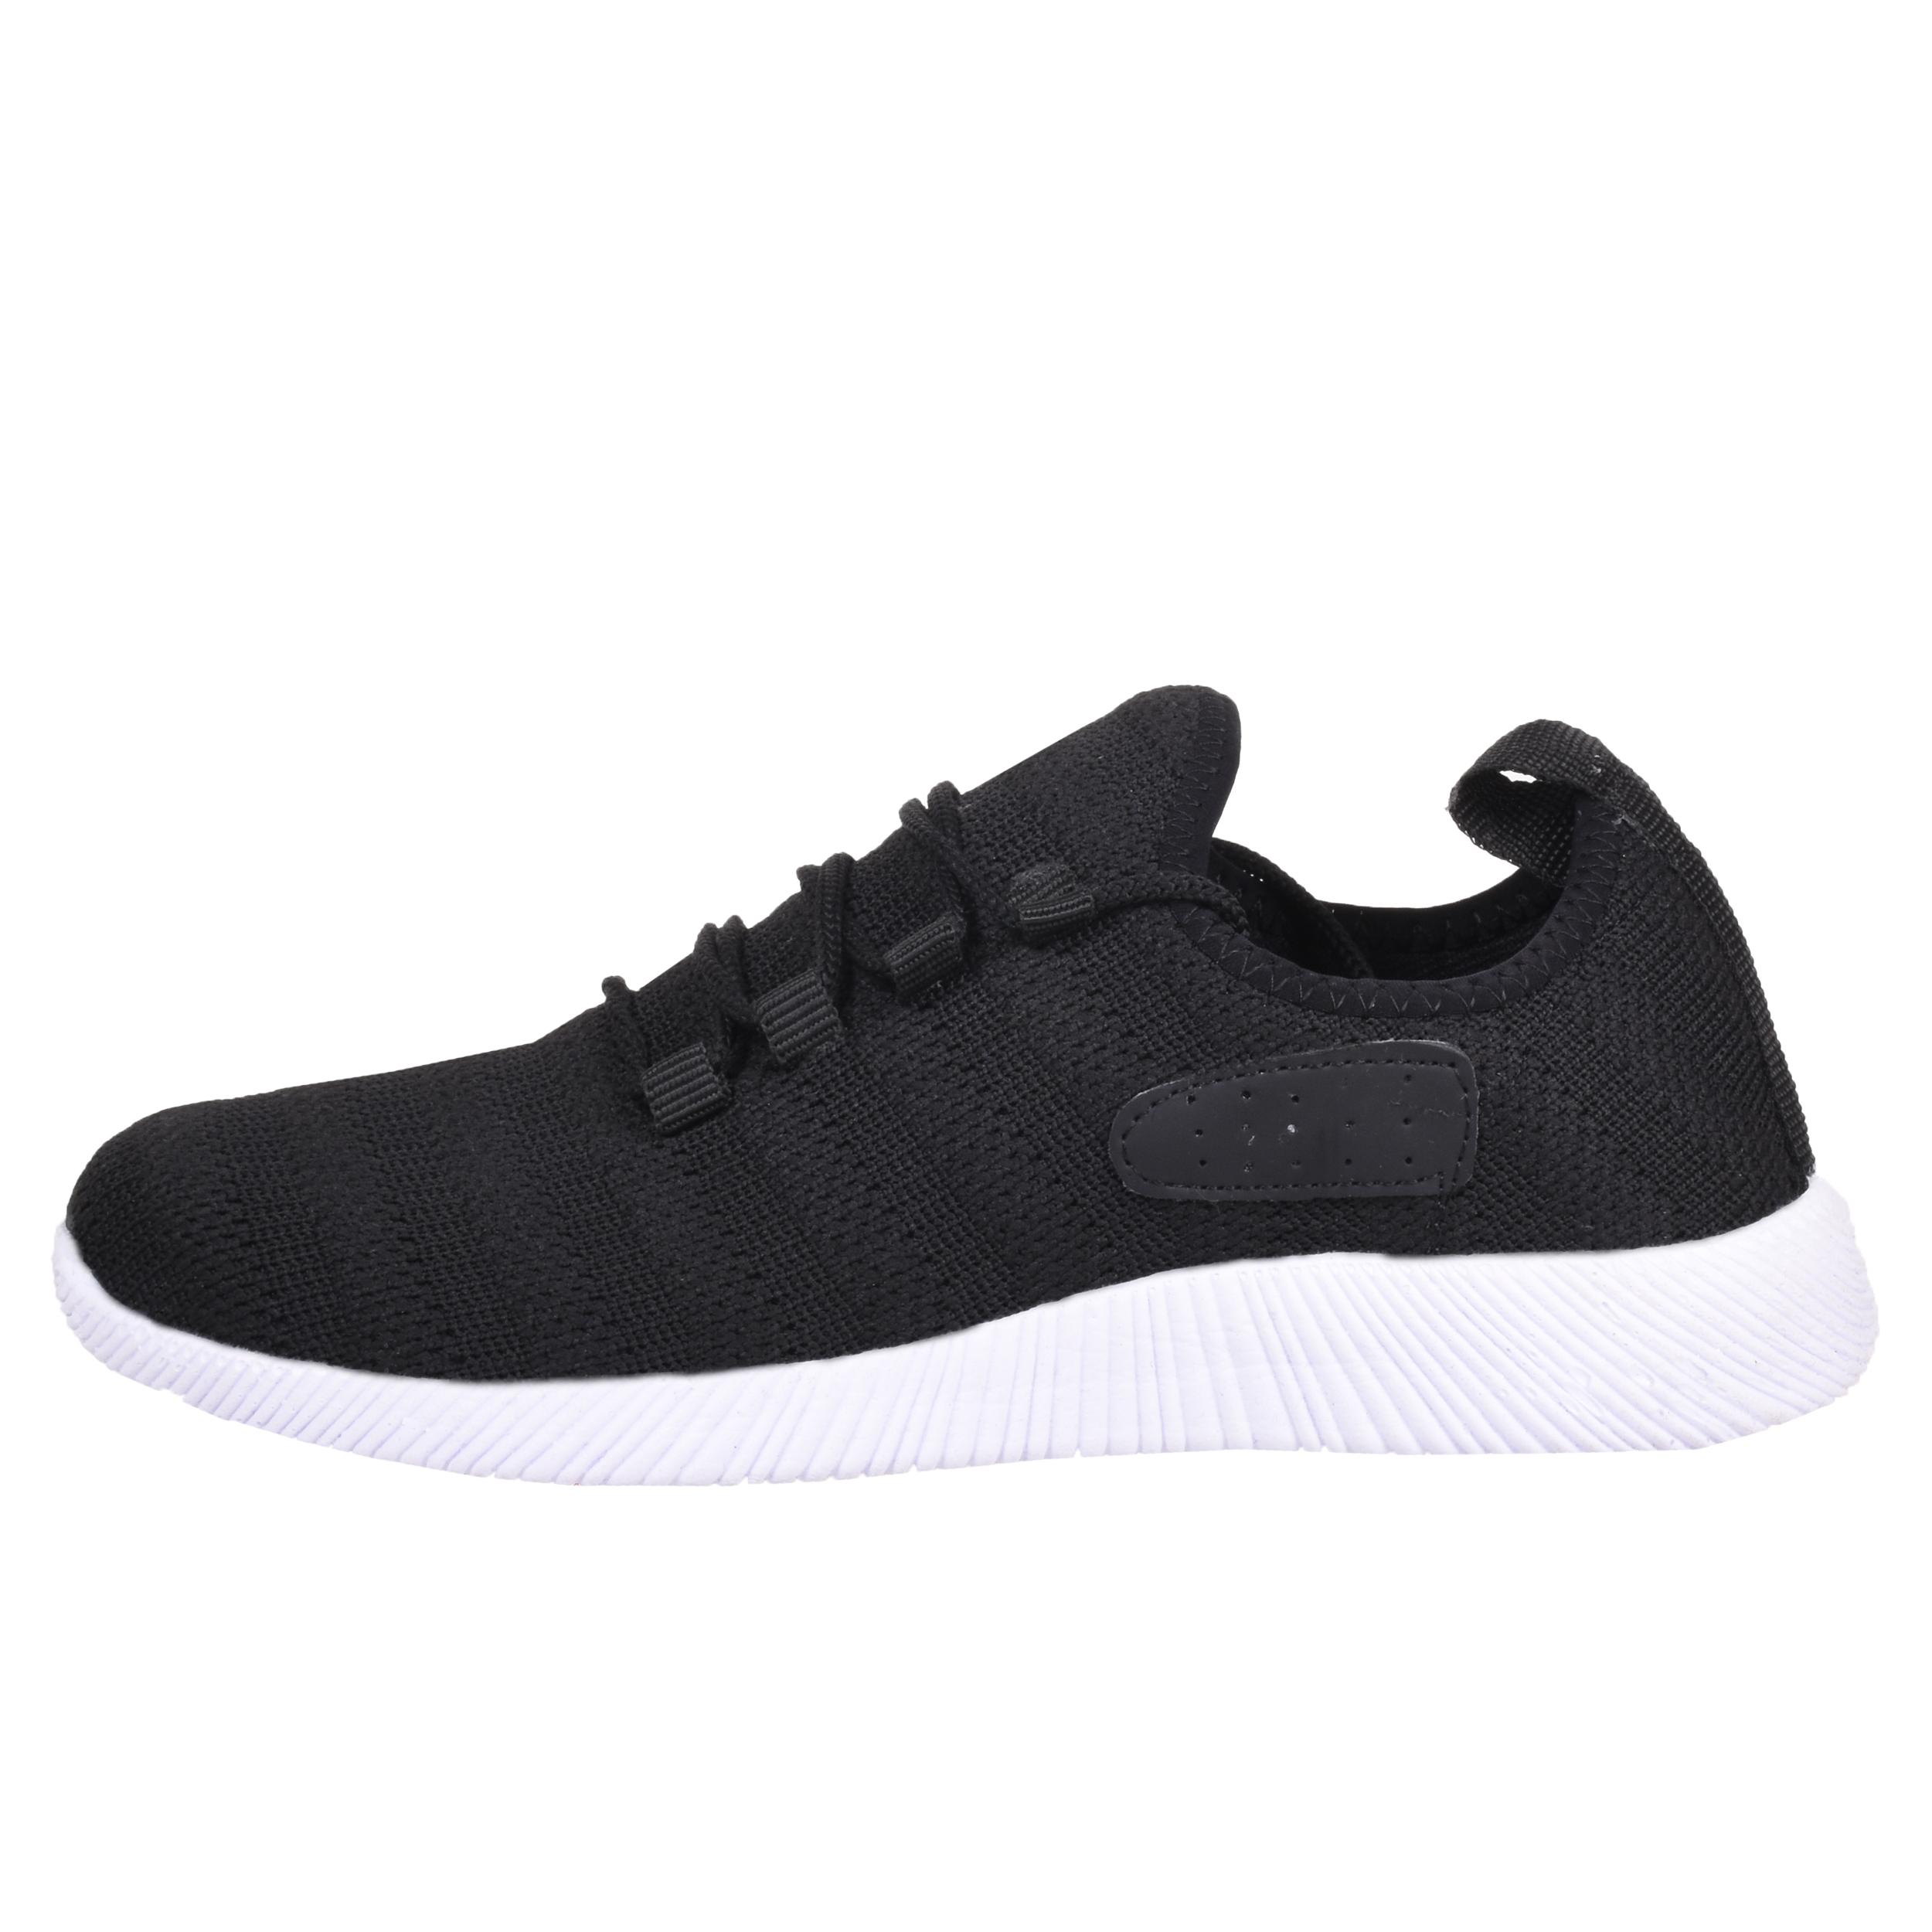 کفش مخصوص پیاده روی مردانه کد 1-1396131